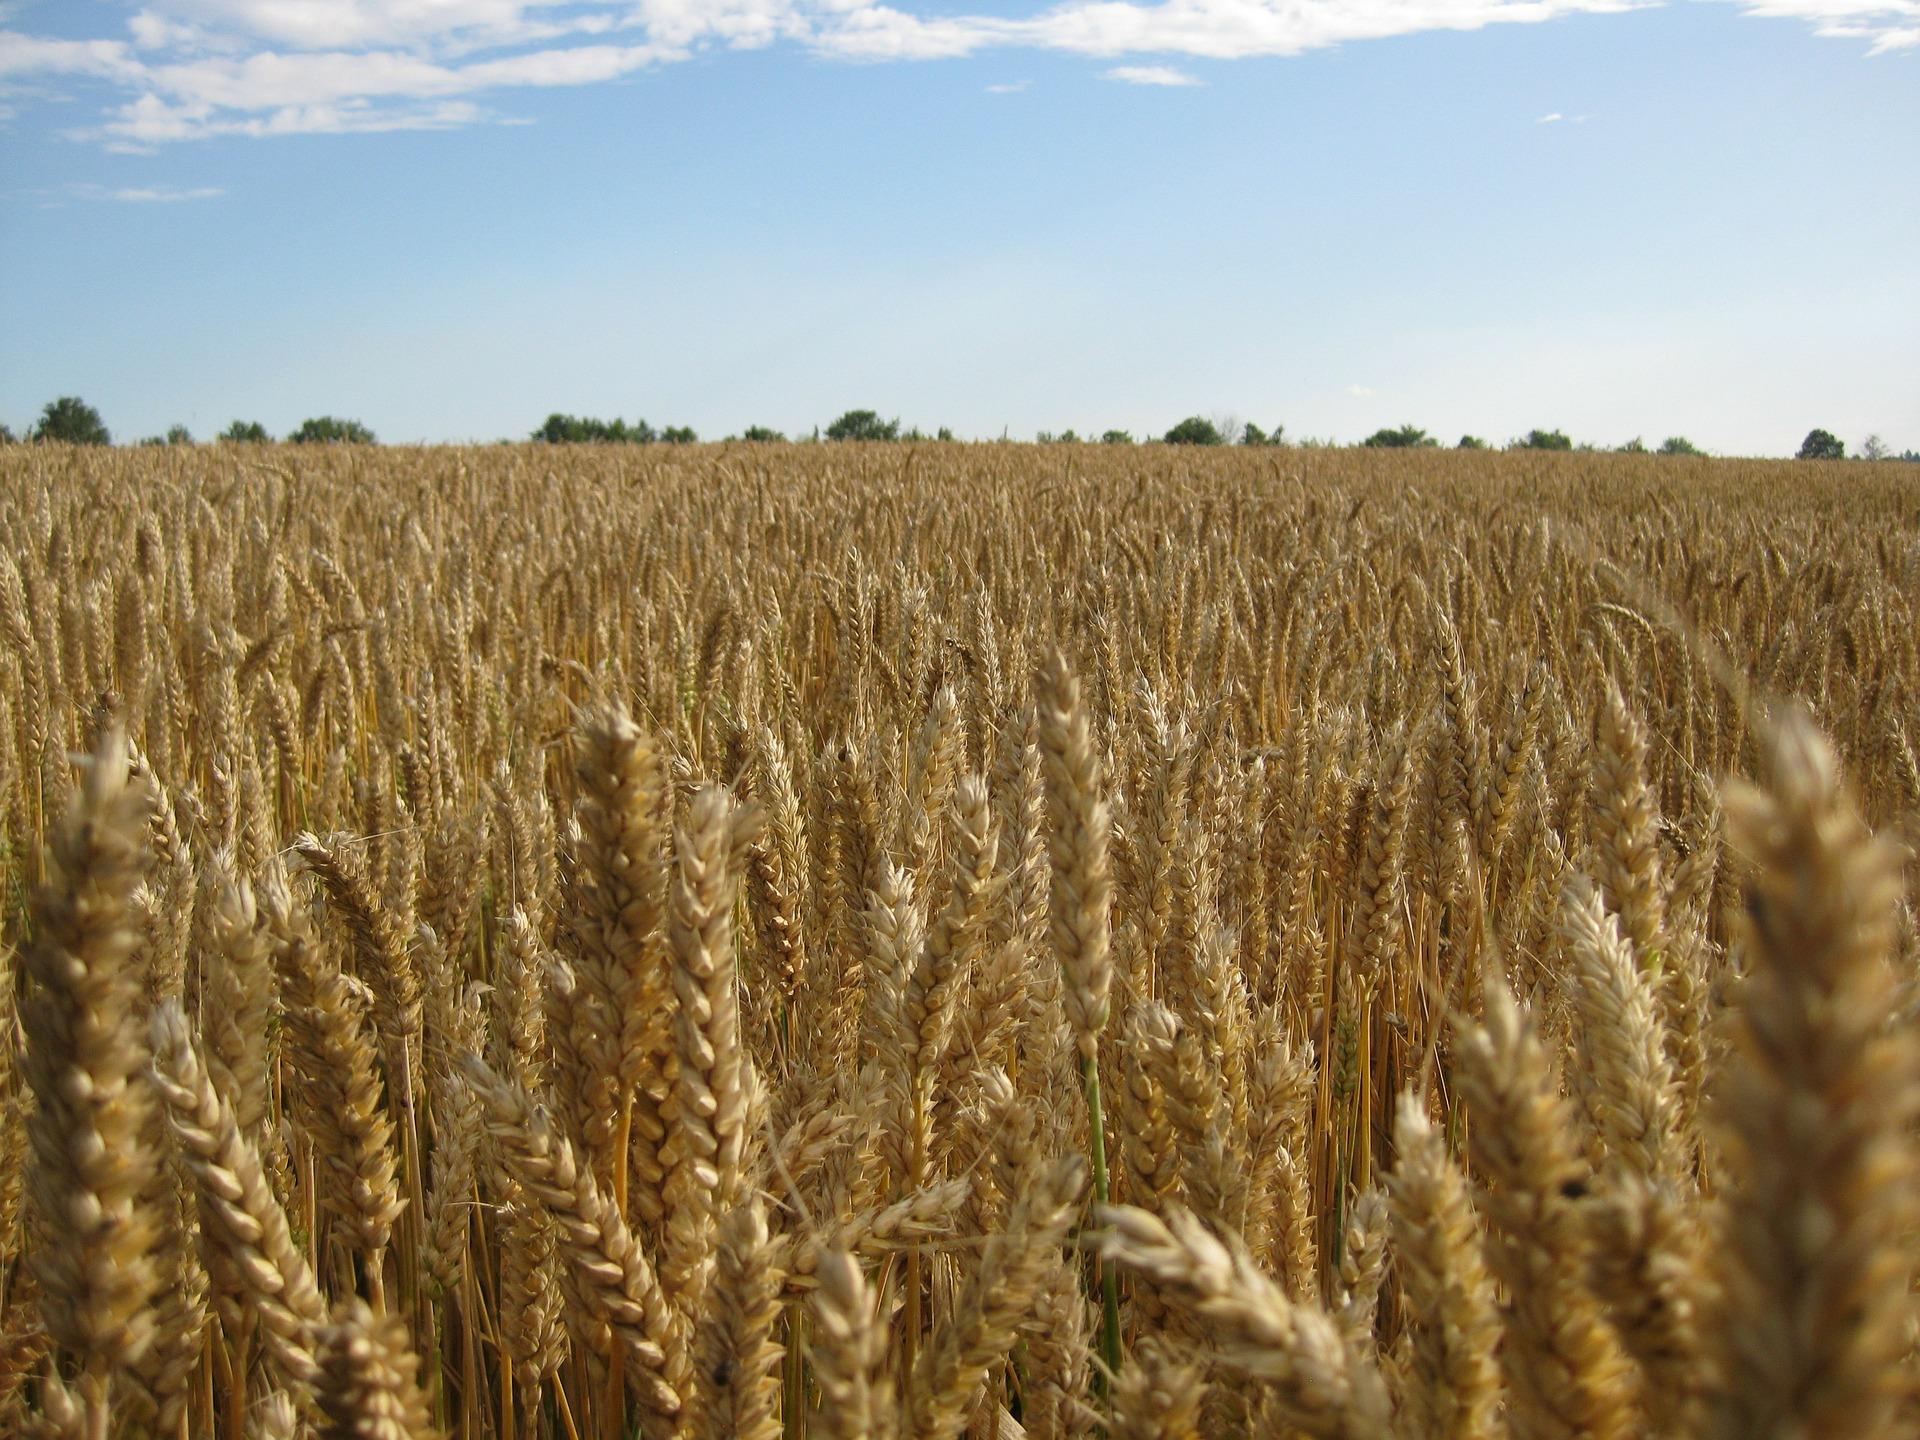 Tous les épis de blé ont presque la même hauteur. Aucun ne dépasse vraiment